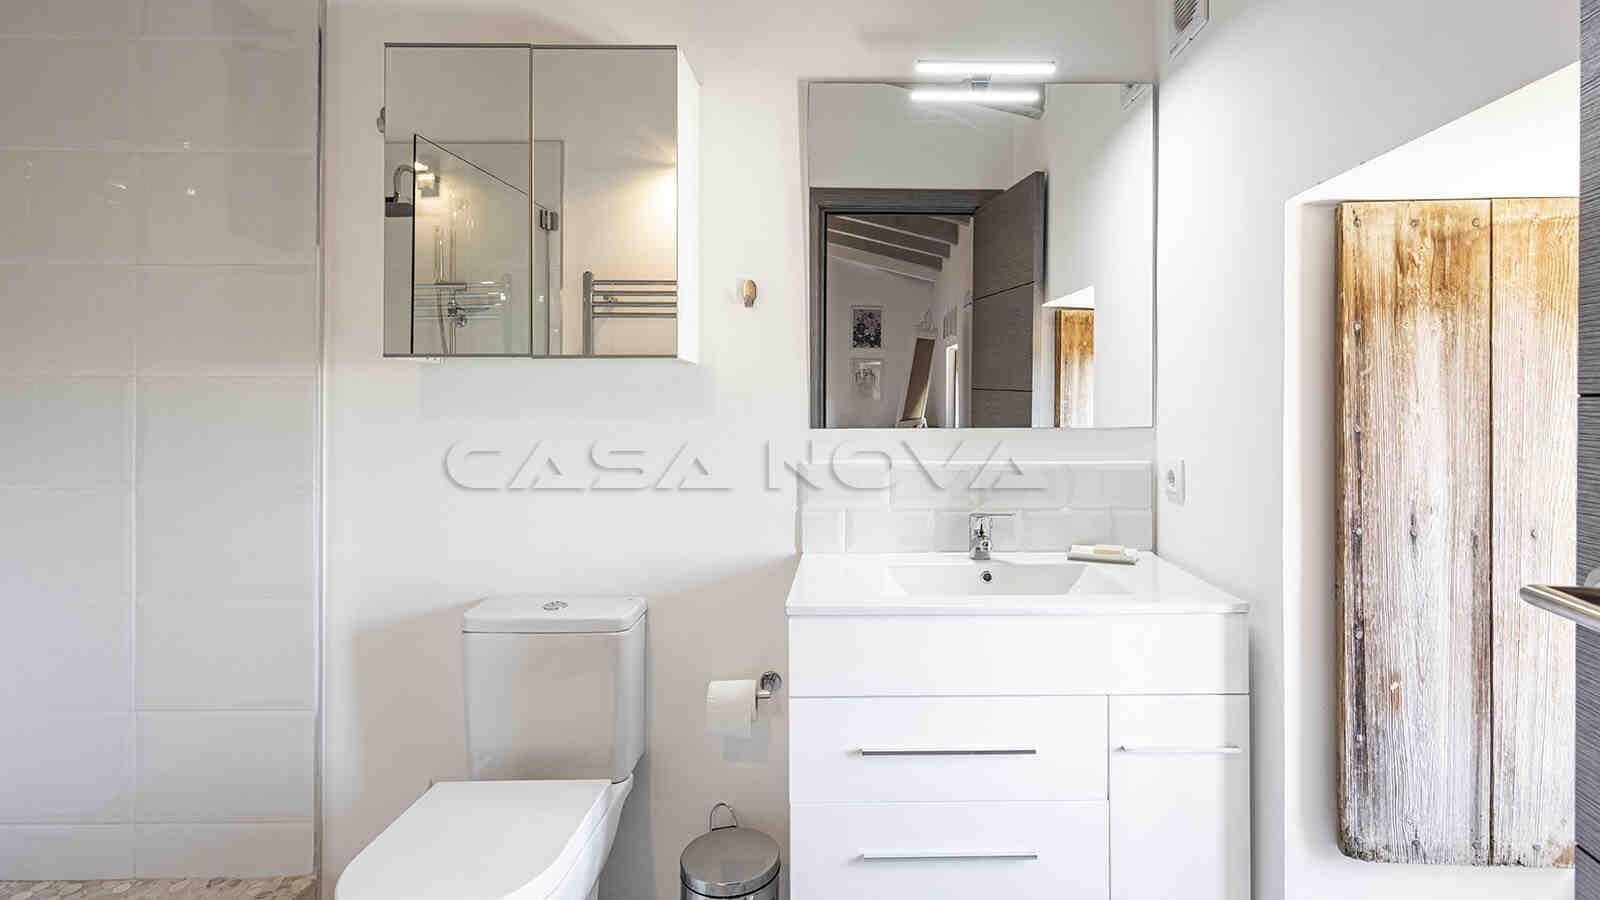 Renoviertes Badezimmer mit rustikalen Akzenten